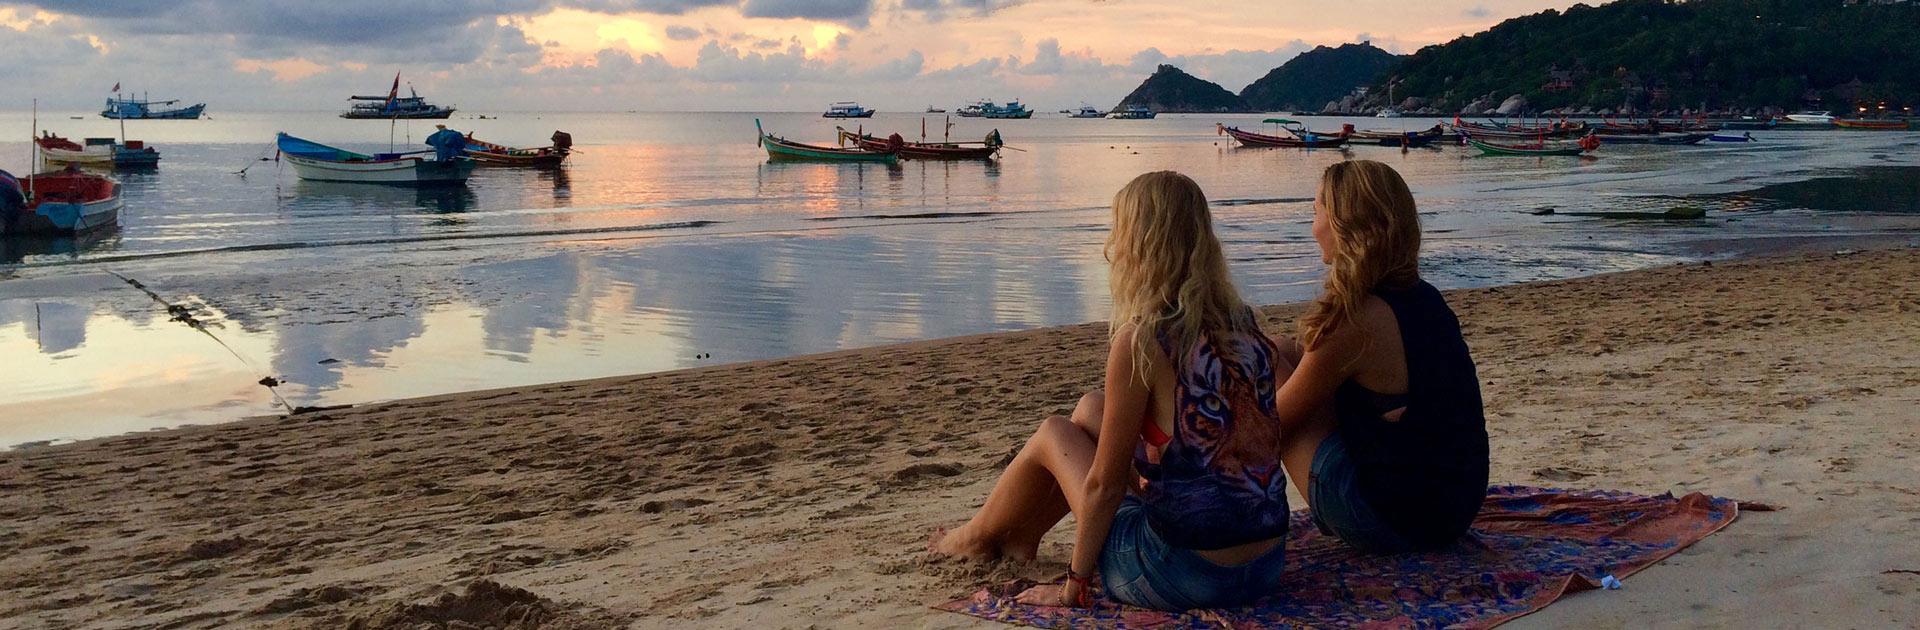 TH Bangkok Erawan y playas del sur 13 días 3